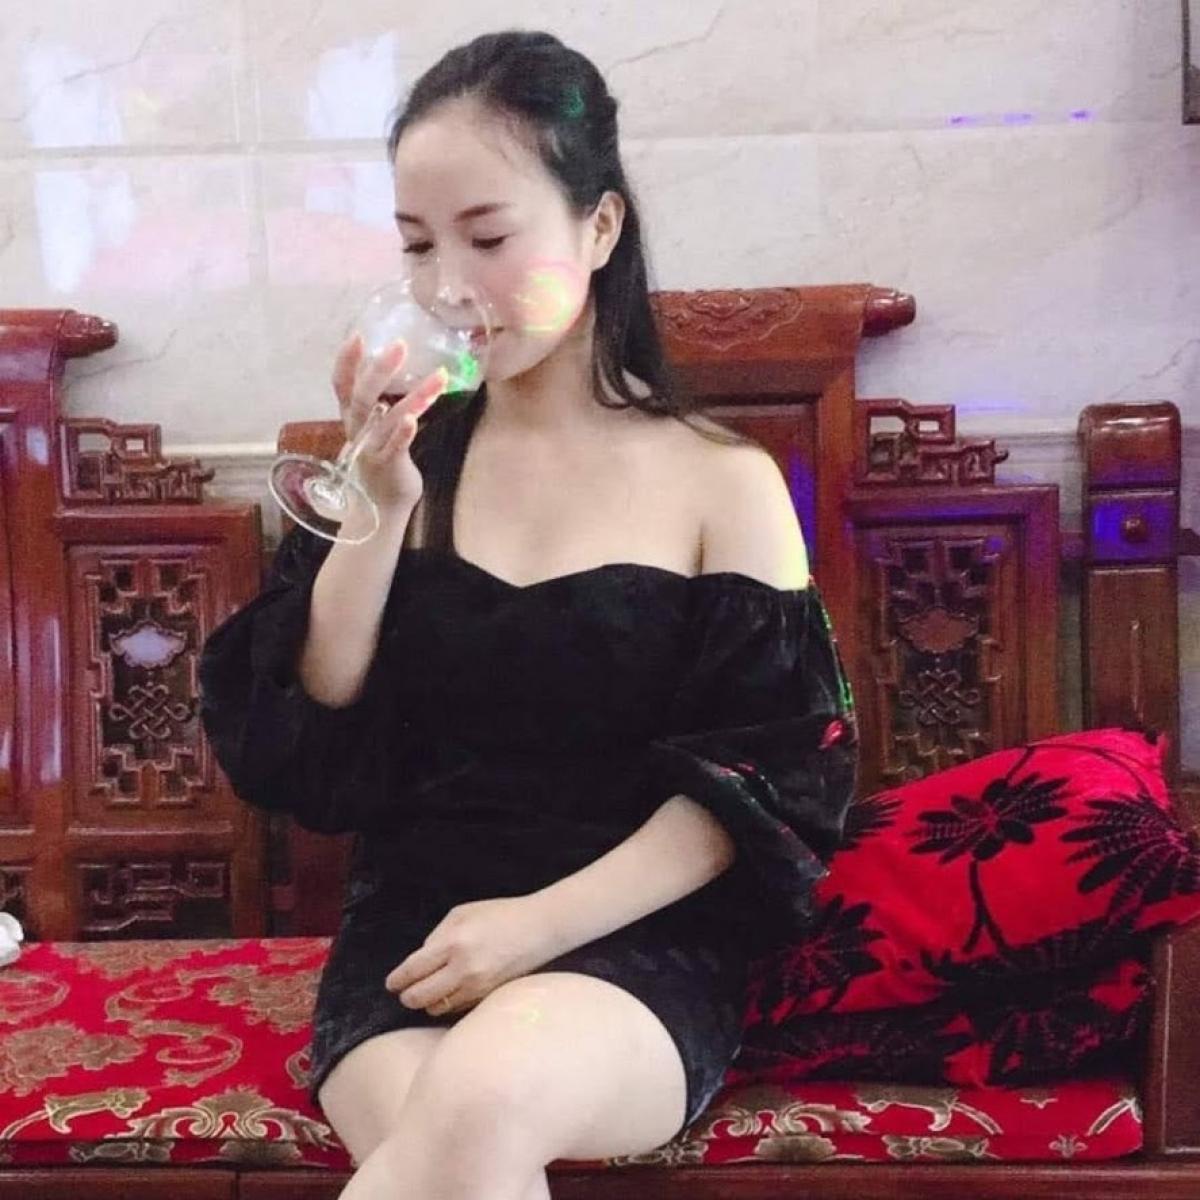 Phan Thị Trang được xác định là người điều hành đường dây đánh bạc trăm tỷ (Ảnh: CA).